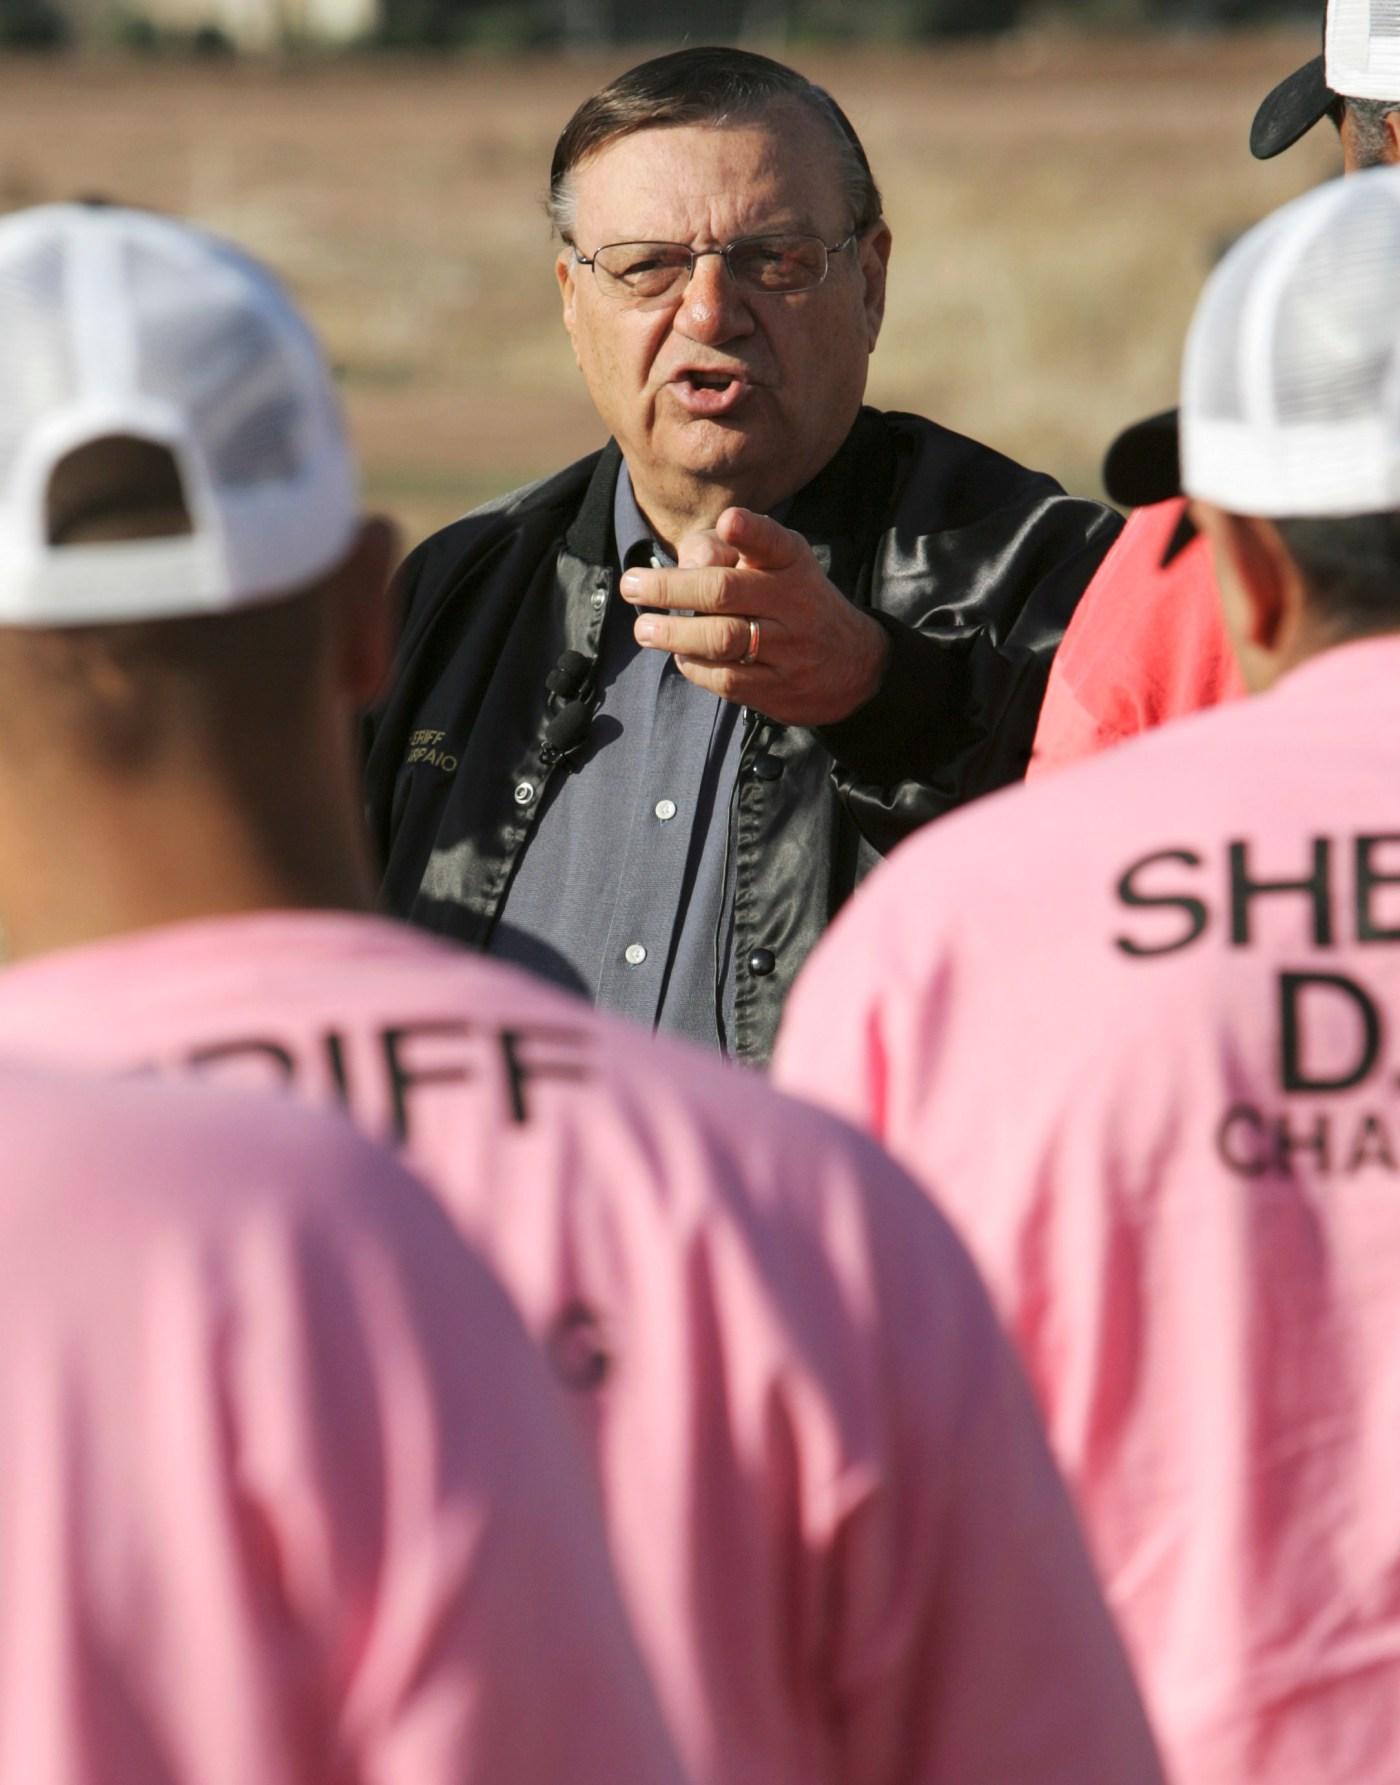 Sheriff Arpaio, Joe Arpaio, Arpaio, Estados Unidos